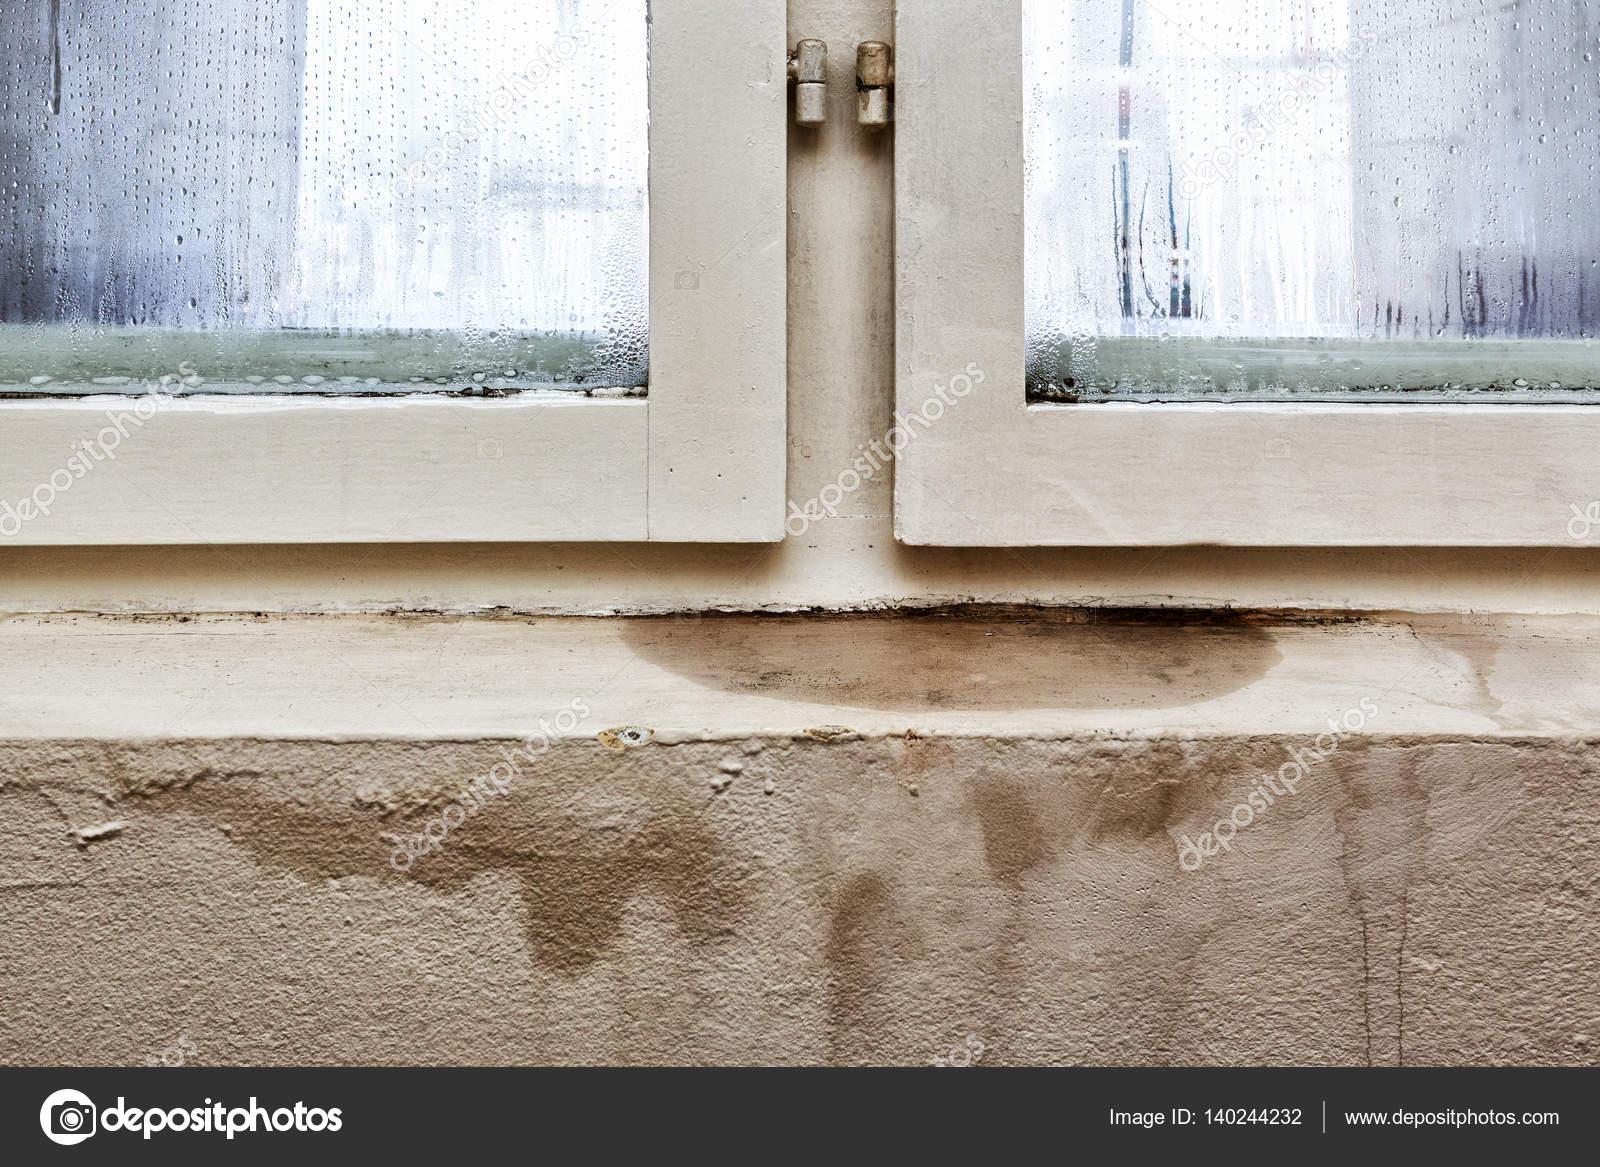 Humedad y moho-problemas en una casa — Foto de stock © wabeno #140244232